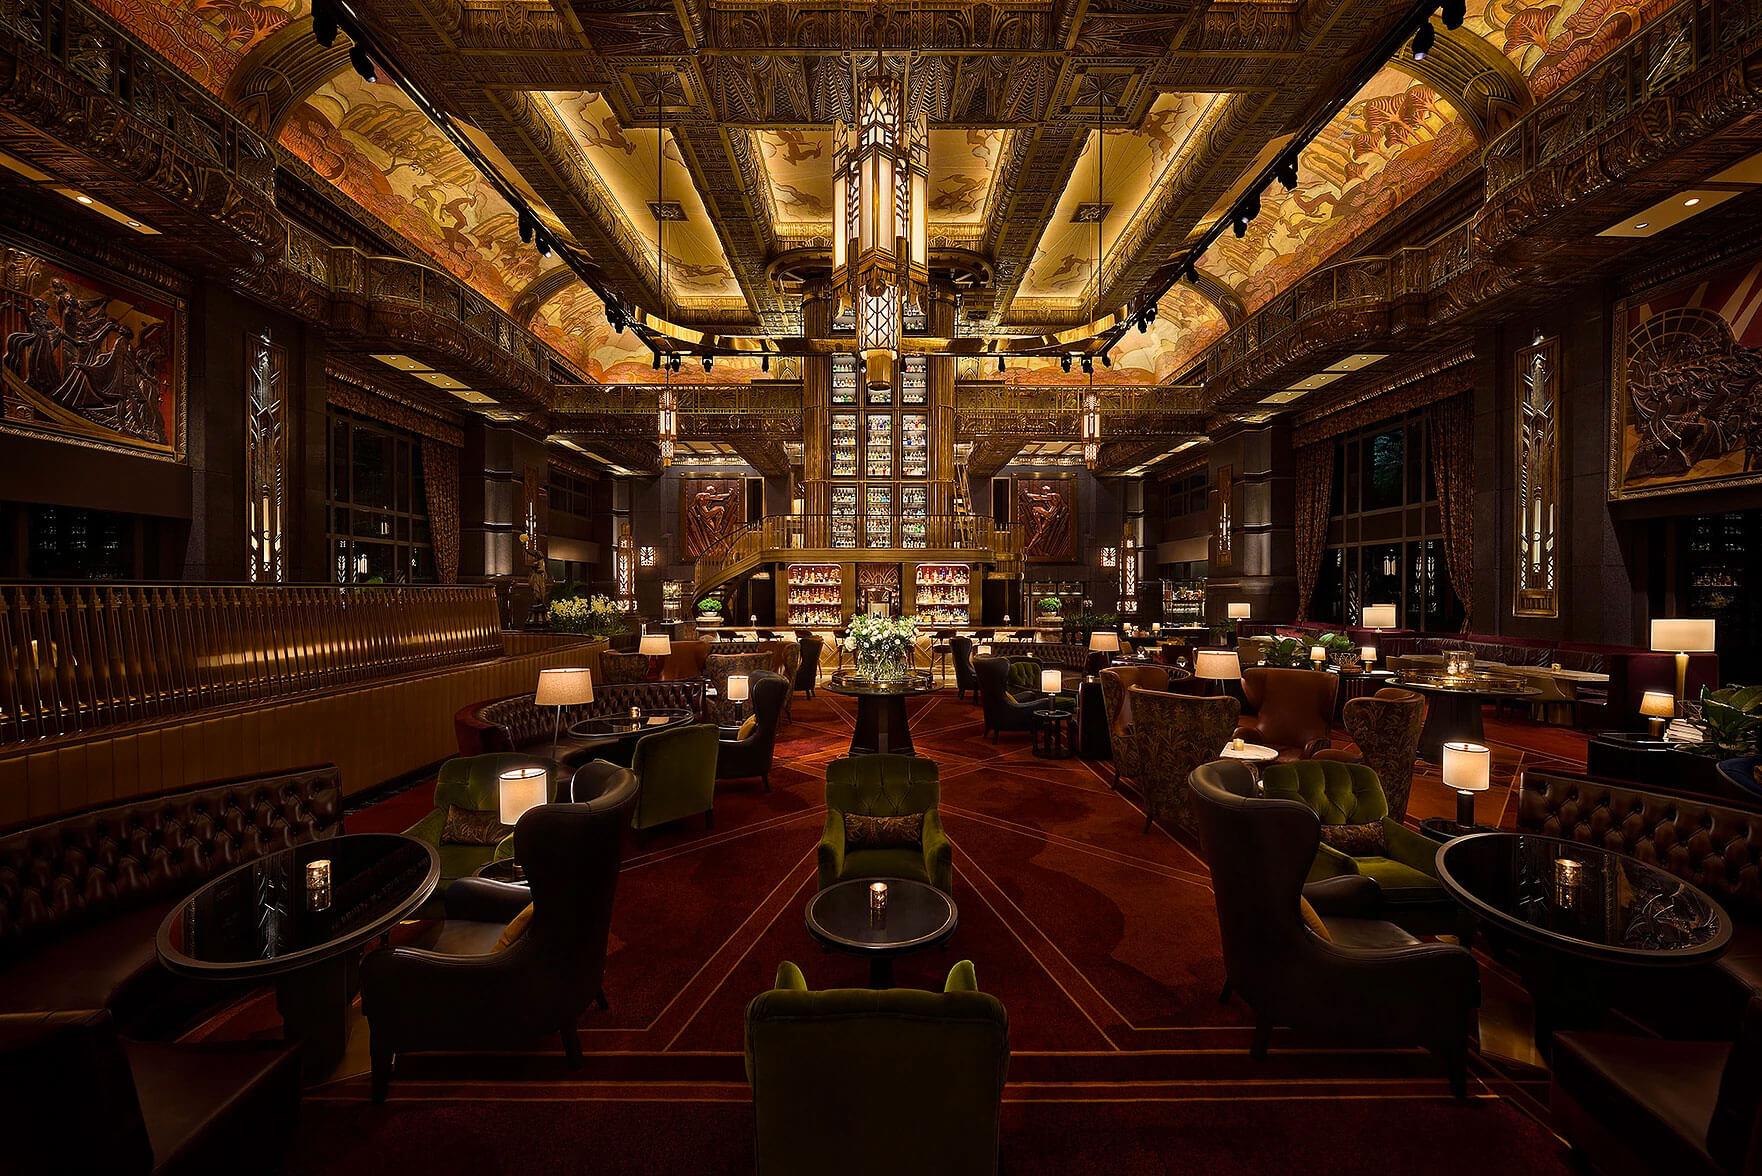 5 Great Singapore Restaurant Designs